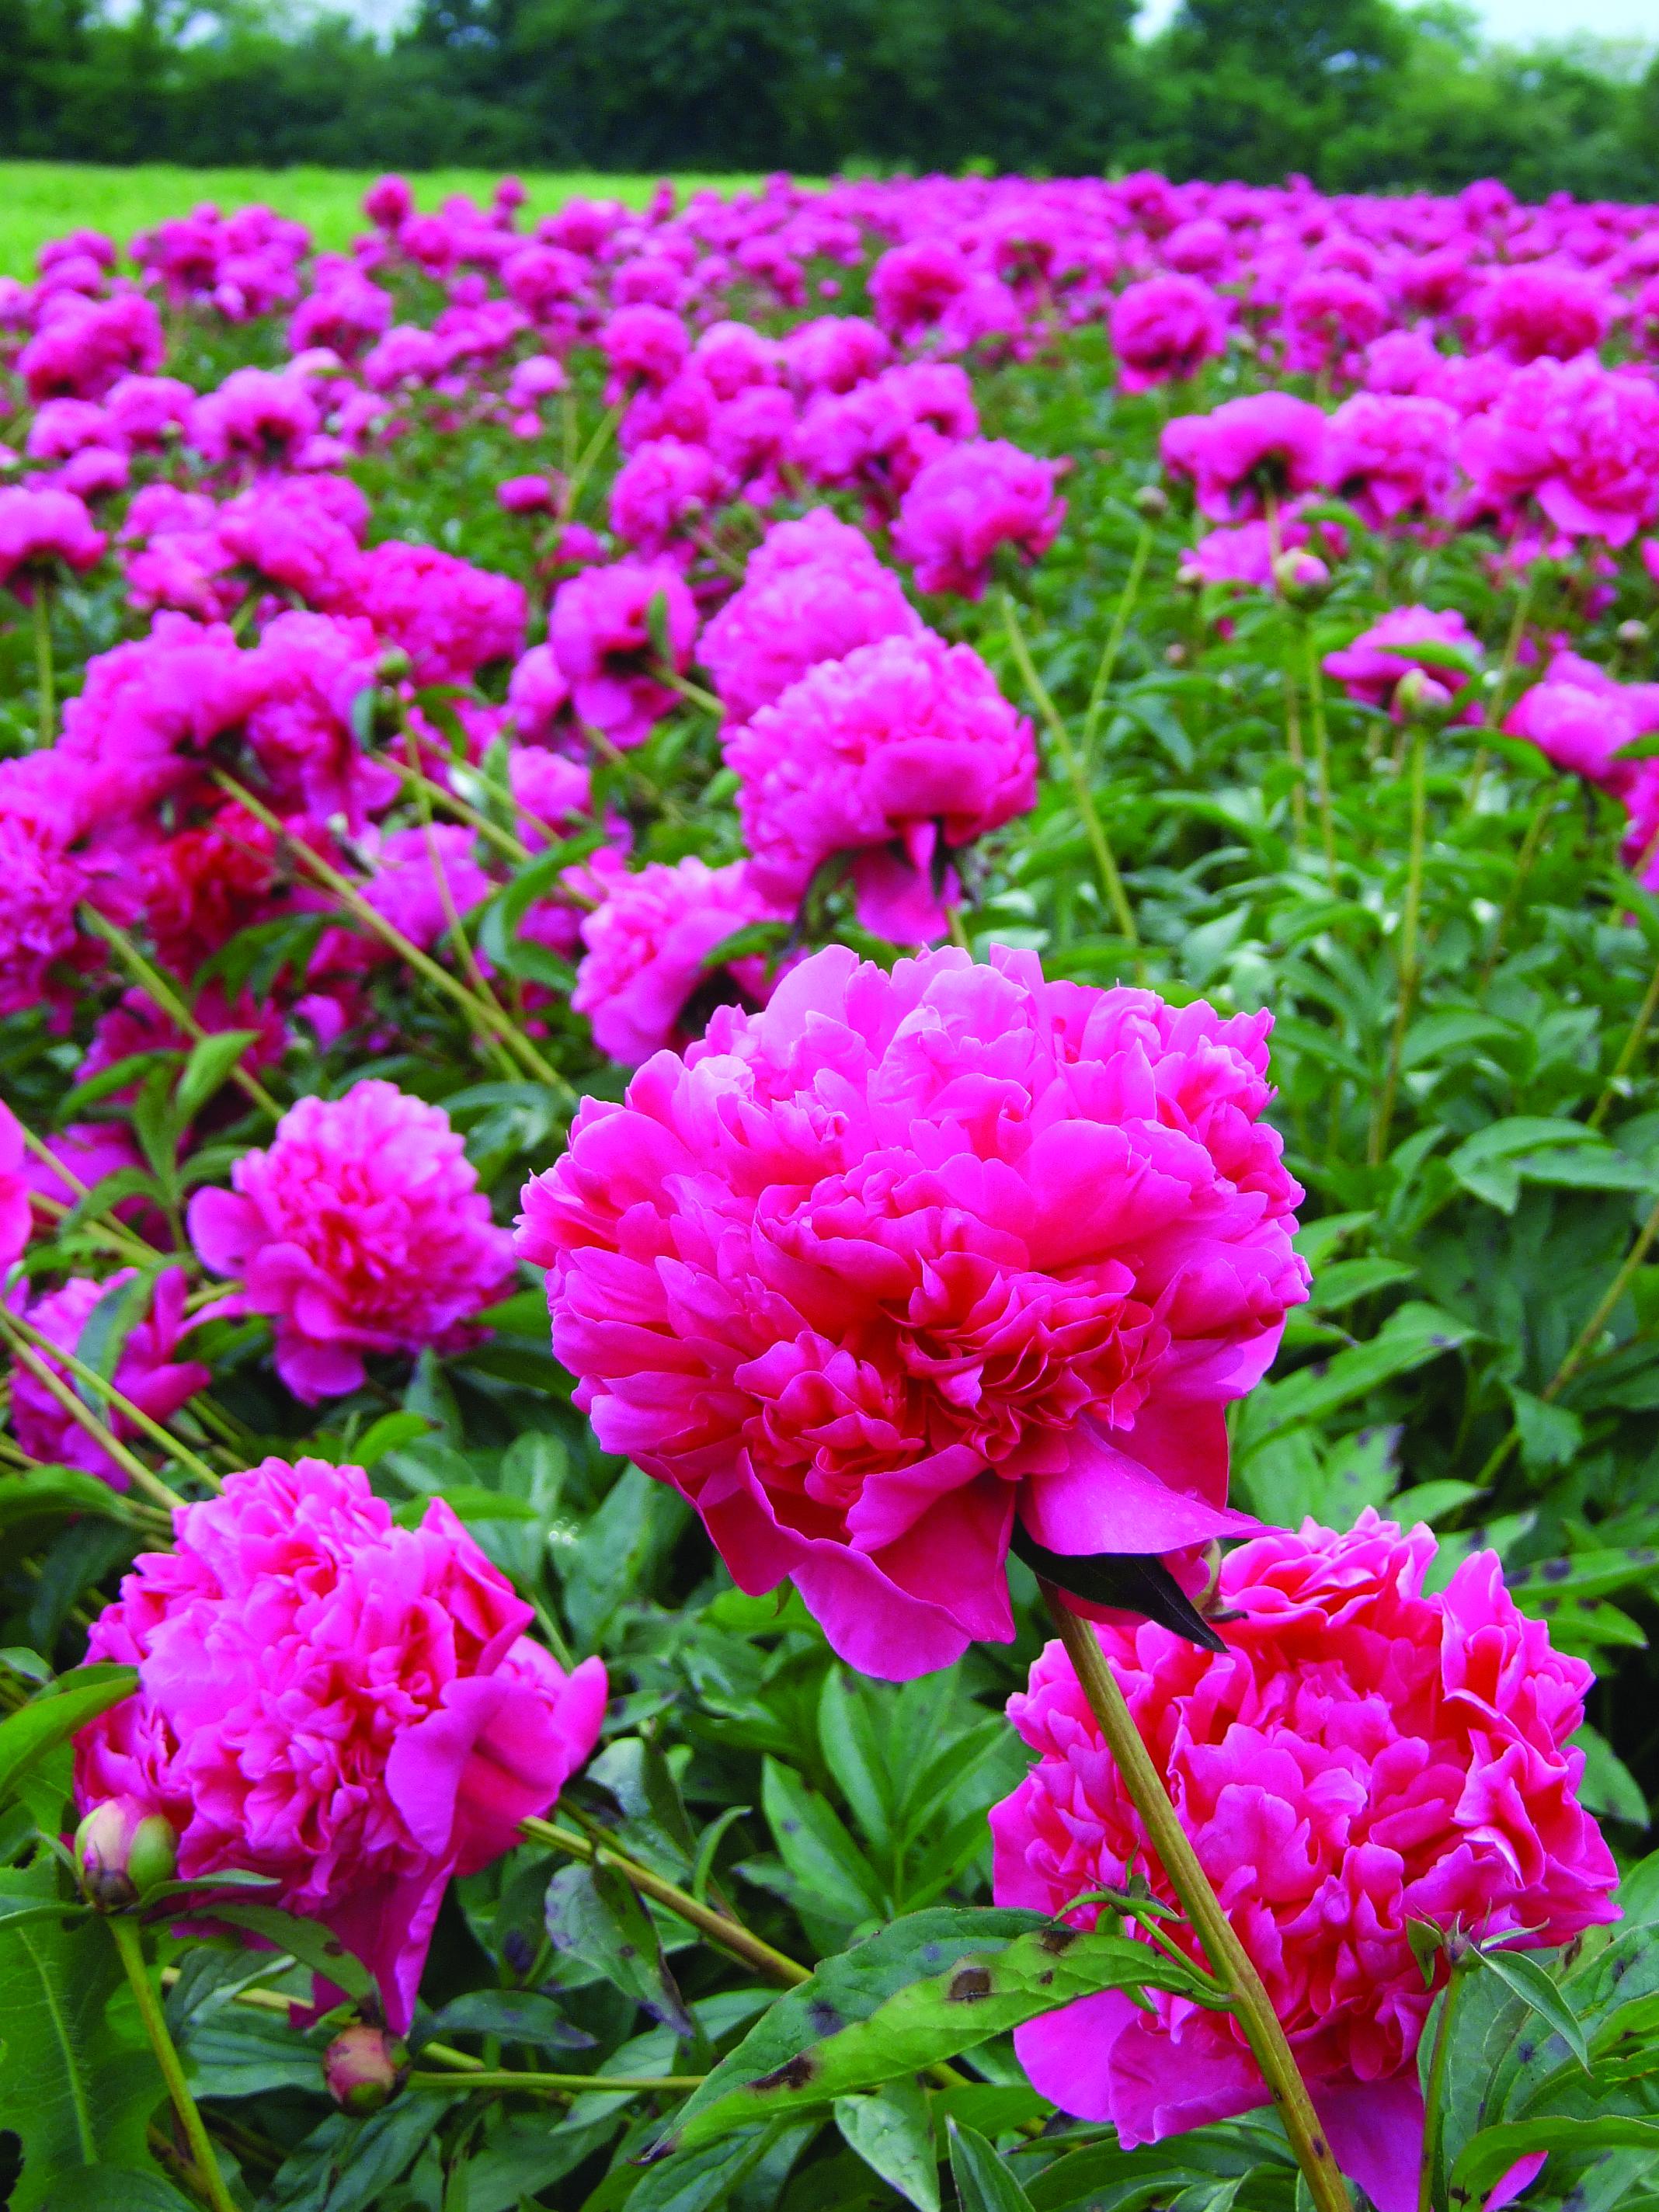 Savez-vous planter… les bulbes ? | Planter des bulbes, Bulbes, Saviez vous que